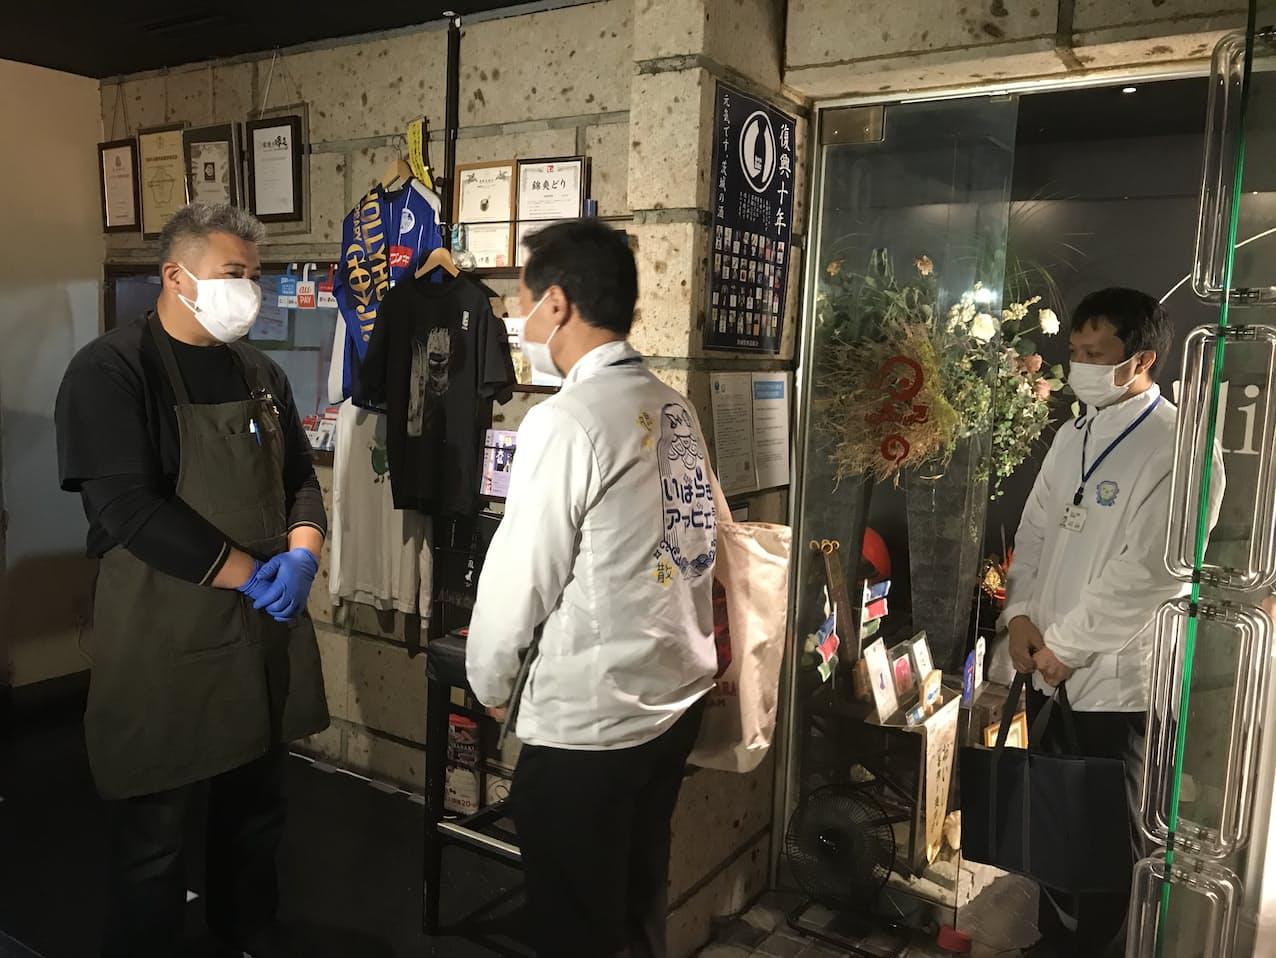 茨城県の職員延べ120人が順次、5市の繁華街にある飲食店を巡回する(水戸市の飲食店「酒趣」)